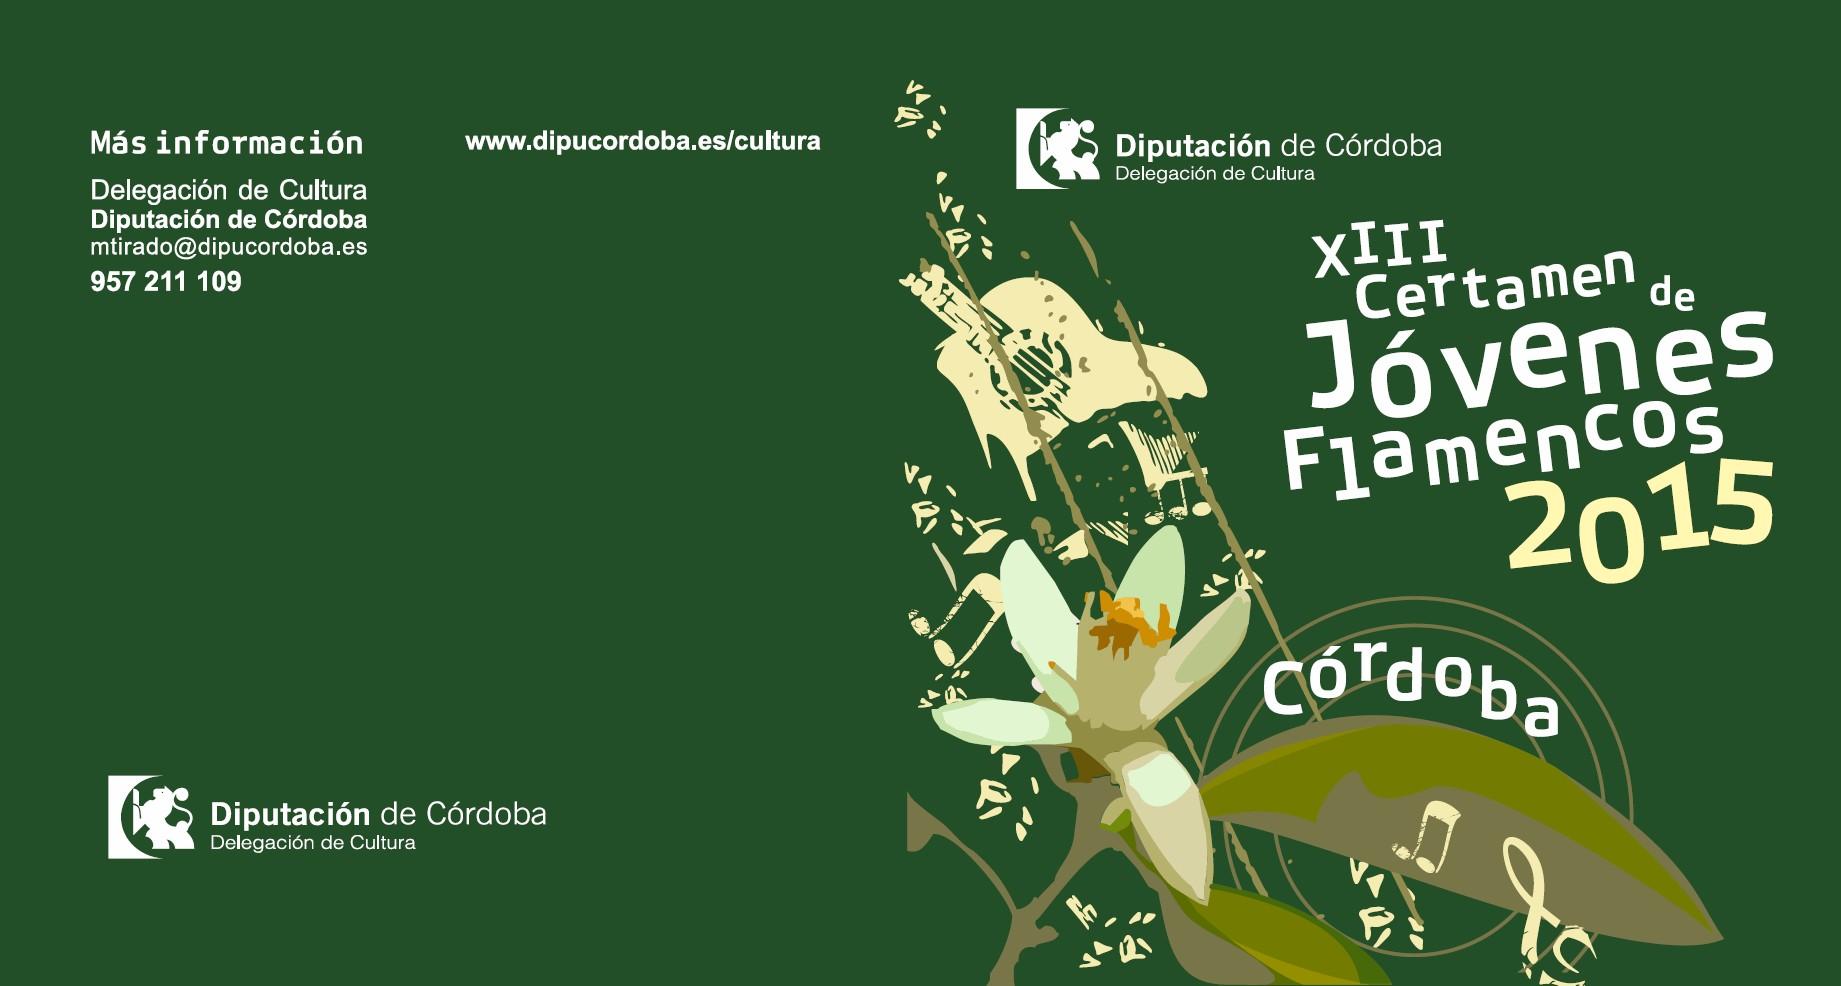 Pr ximos eventos xiii certamen de j venes flamencos 2015 for Inscripcion jardin 2015